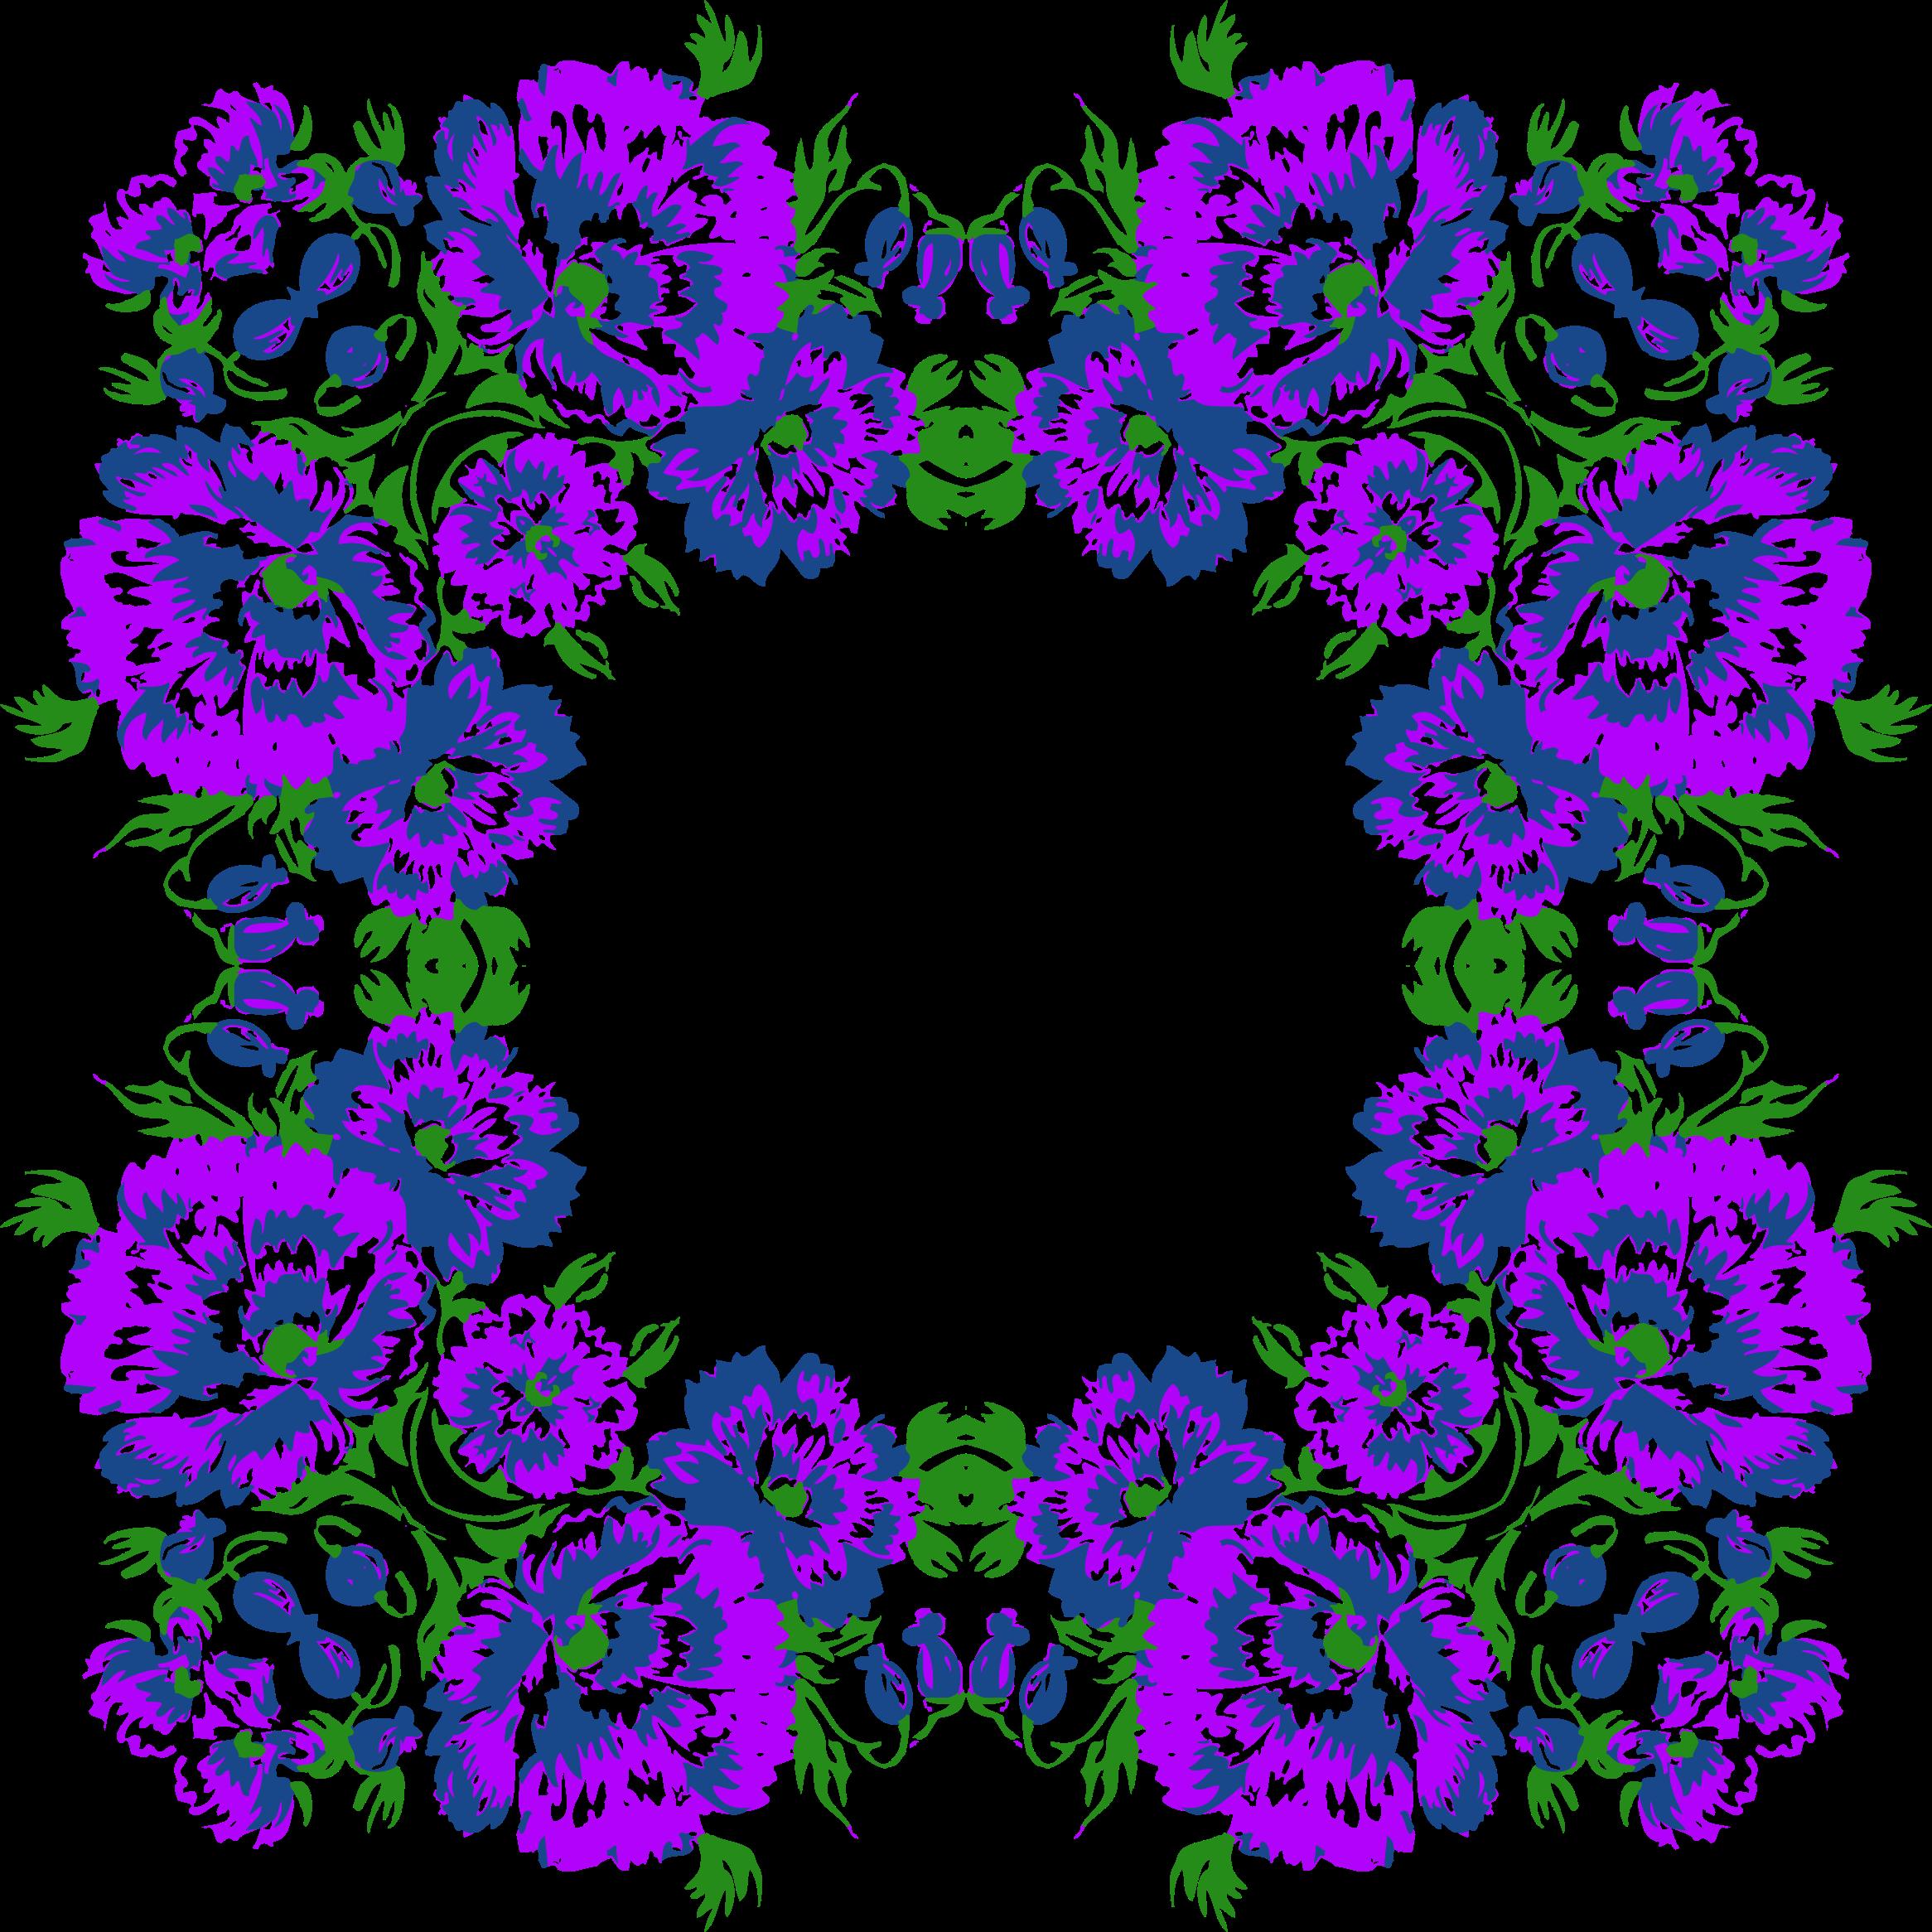 Floral frame variation big. Lavender clipart decorative wreath